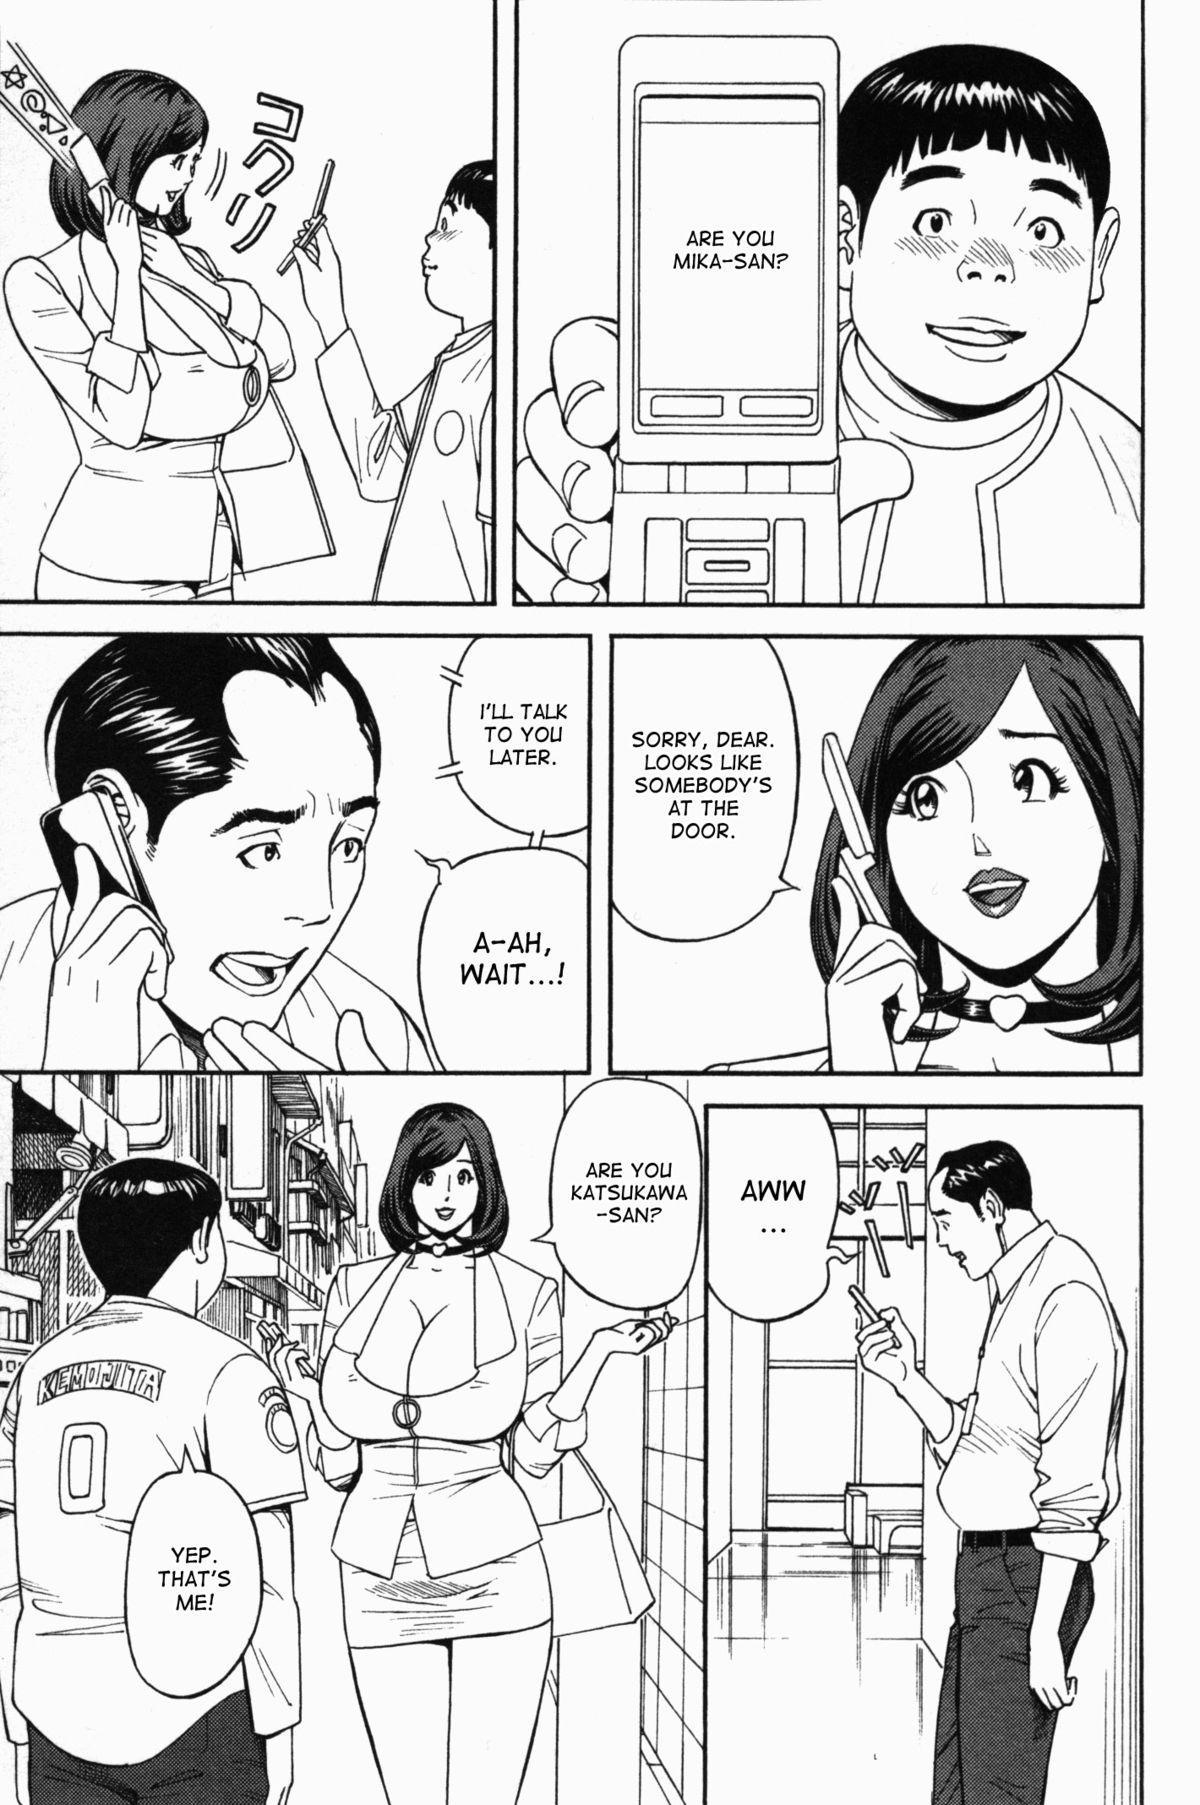 [Hara Shigeyuki] Ikenai Access -Yaritai Site 3- Ch. 1, 6 [English] [desudesu] 7